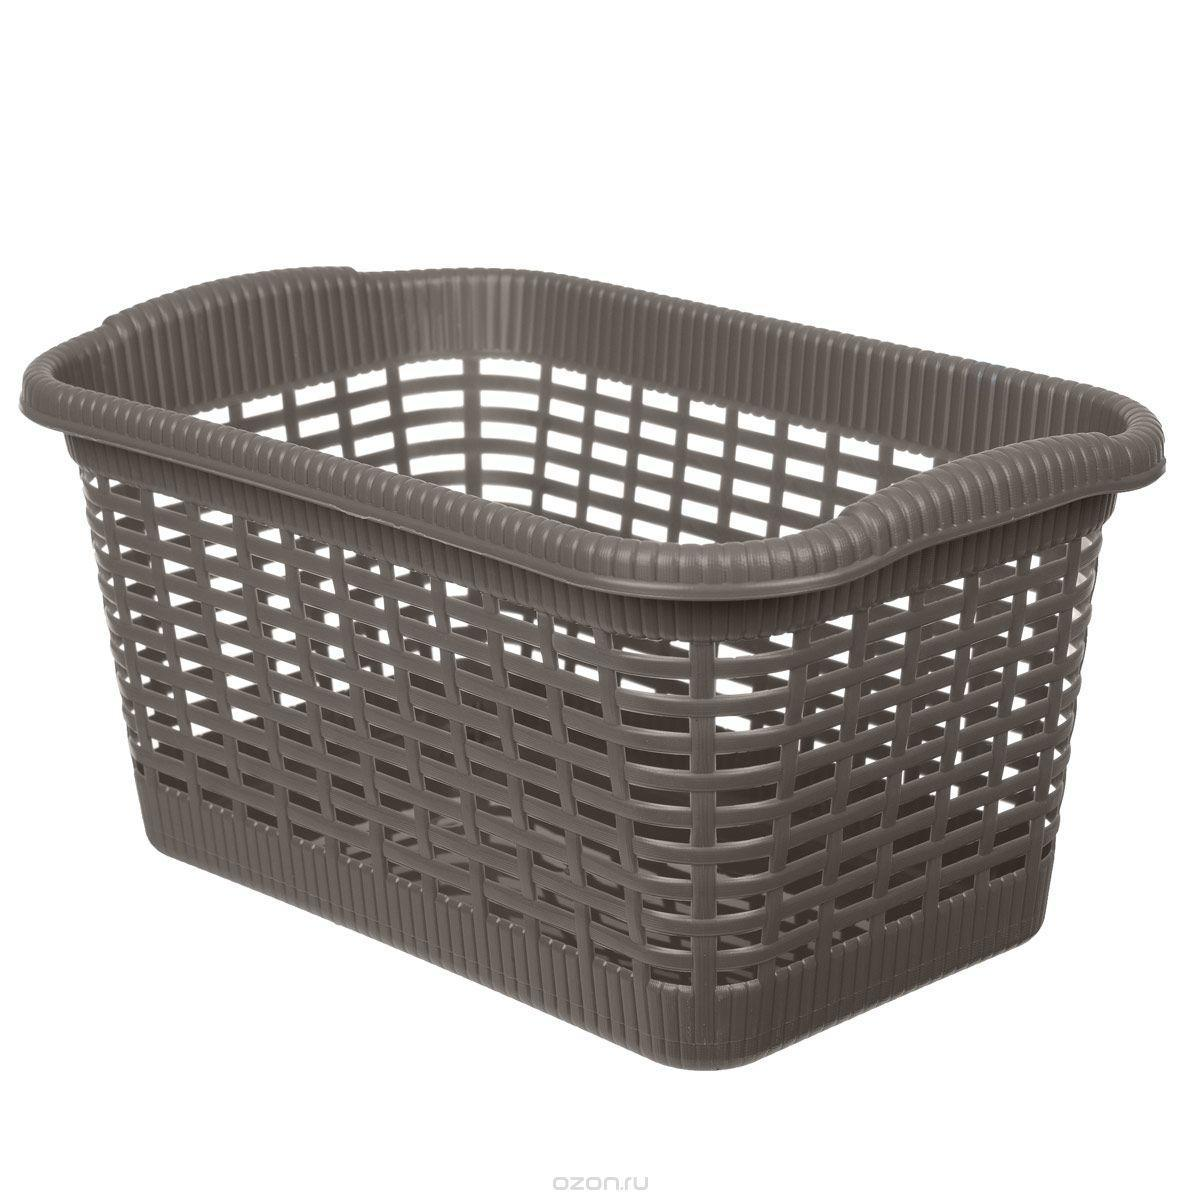 Корзина хозяйственная 43x32x25 см, 20 л коричневыйCLP446Универсальная корзина «Gensini», выполненная из пластика, предназначена для хранения мелочей в ванной, на кухне, даче или гараже. Позволяет хранить мелкие вещи, исключая возможность их потери. Легкая воздушная корзина выполнена «под плетенку» и оснащена жесткой кромкой.